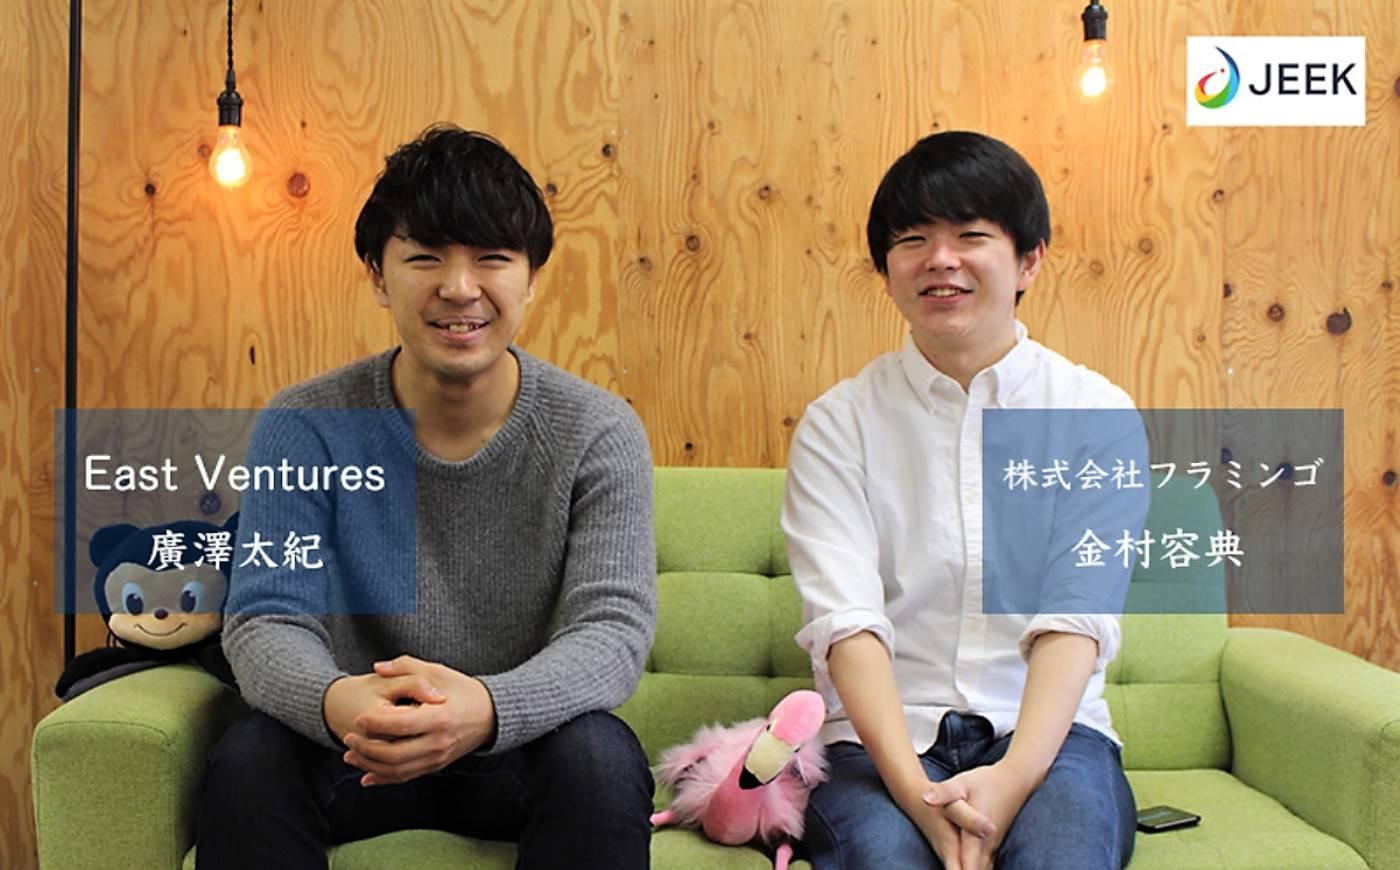 """【若手""""起業家×VC対談""""】 「事業だけでなく、生活でもサポートを」 関西出身同士が二人三脚で歩んできた道のり。"""